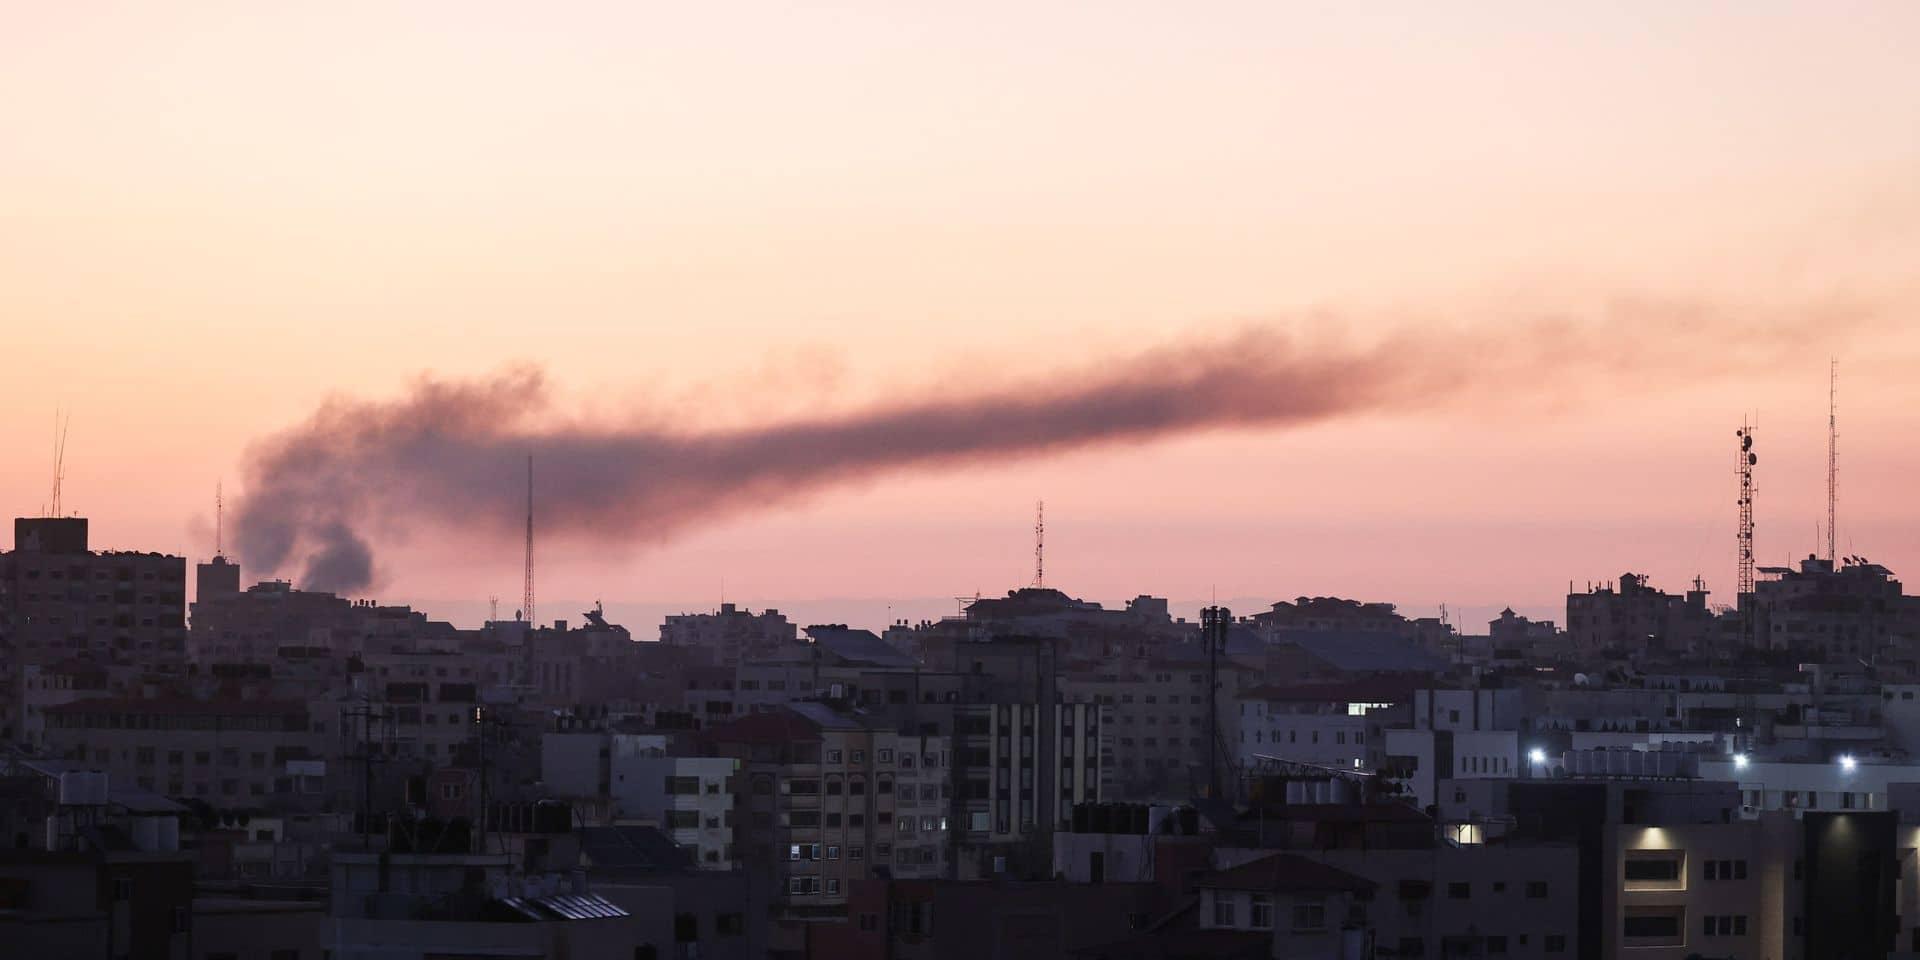 Nouveaux raids de l'aviation israélienne dans la bande de Gaza